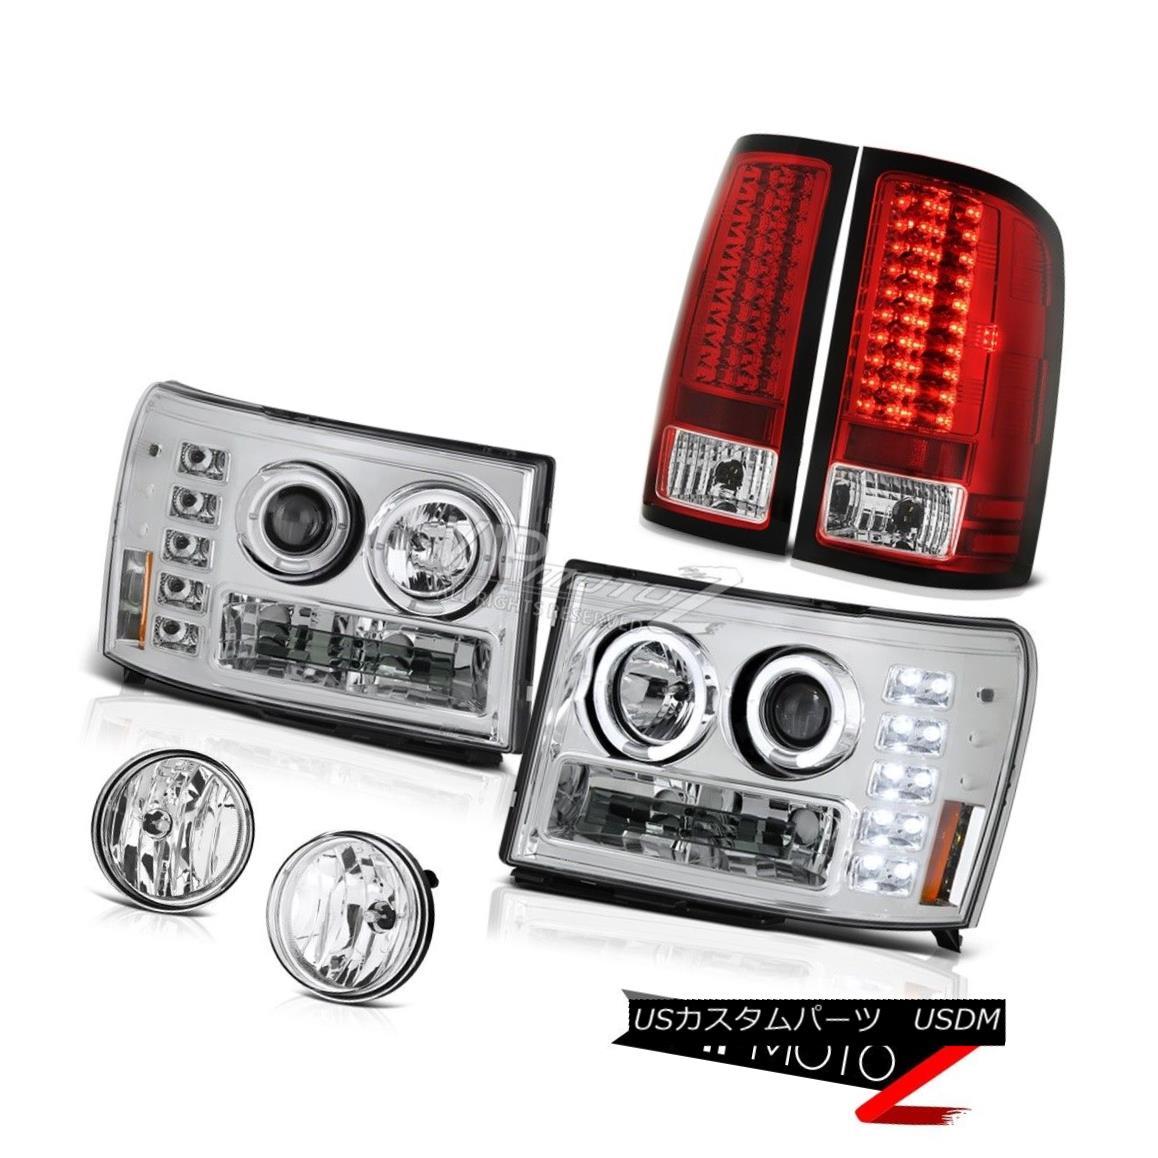 ヘッドライト GMC Sierra Duramax Denali Halo Rim Headlight Smoke LED Taillamps Bumper Foglight GMC Sierra Duramax Denali HaloリムヘッドライトスモークLEDタイルランプバンパーフォグライト